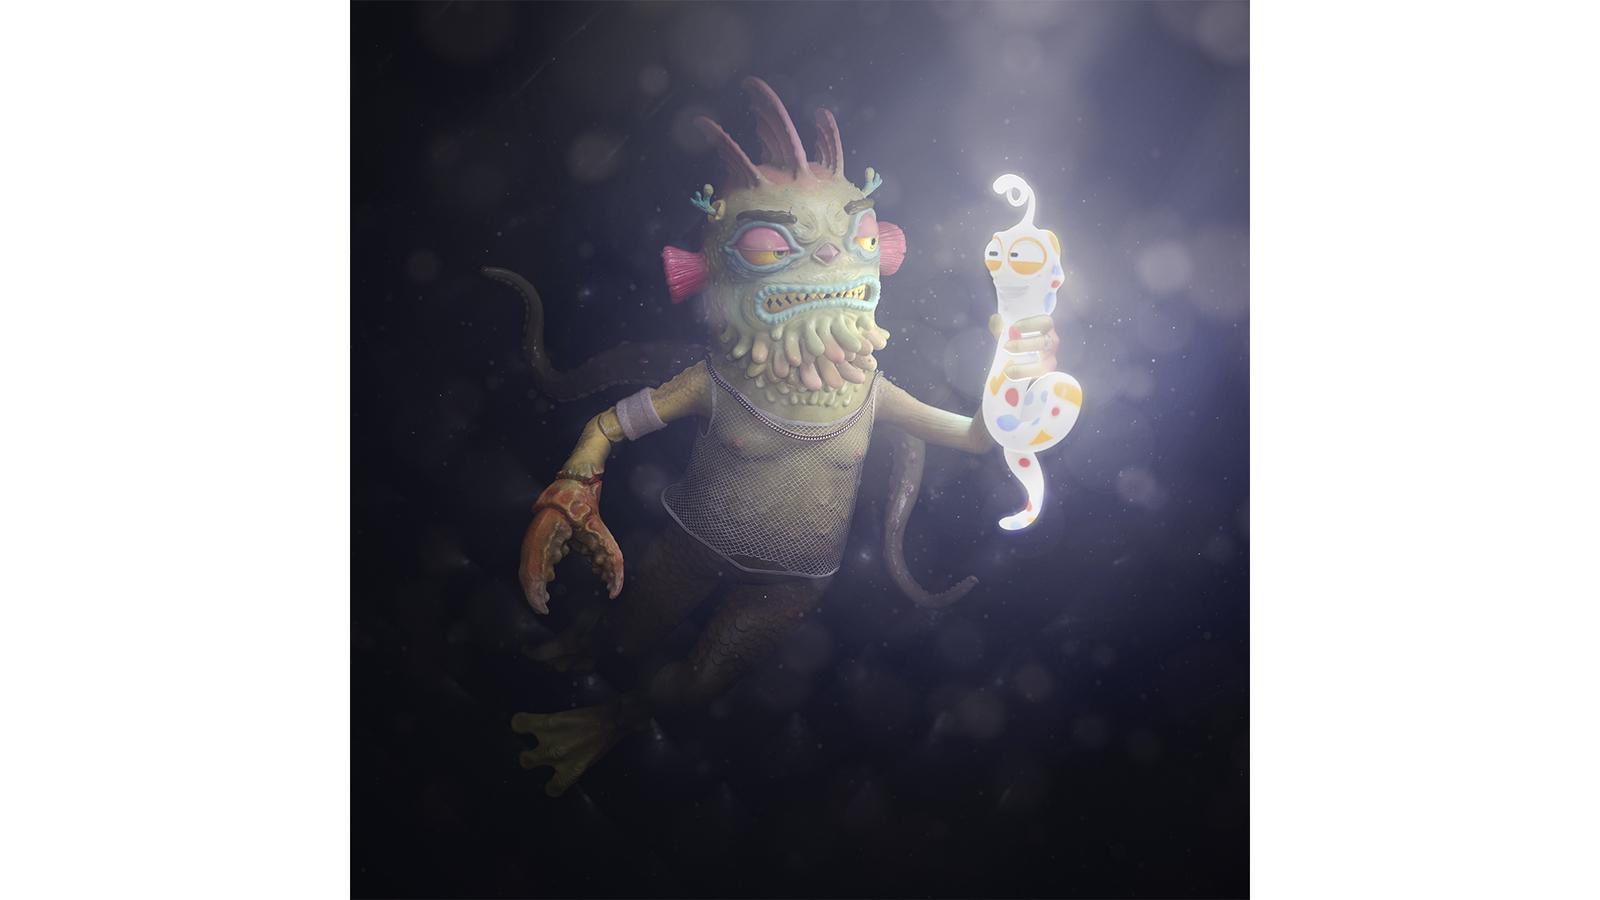 Final render of the OG